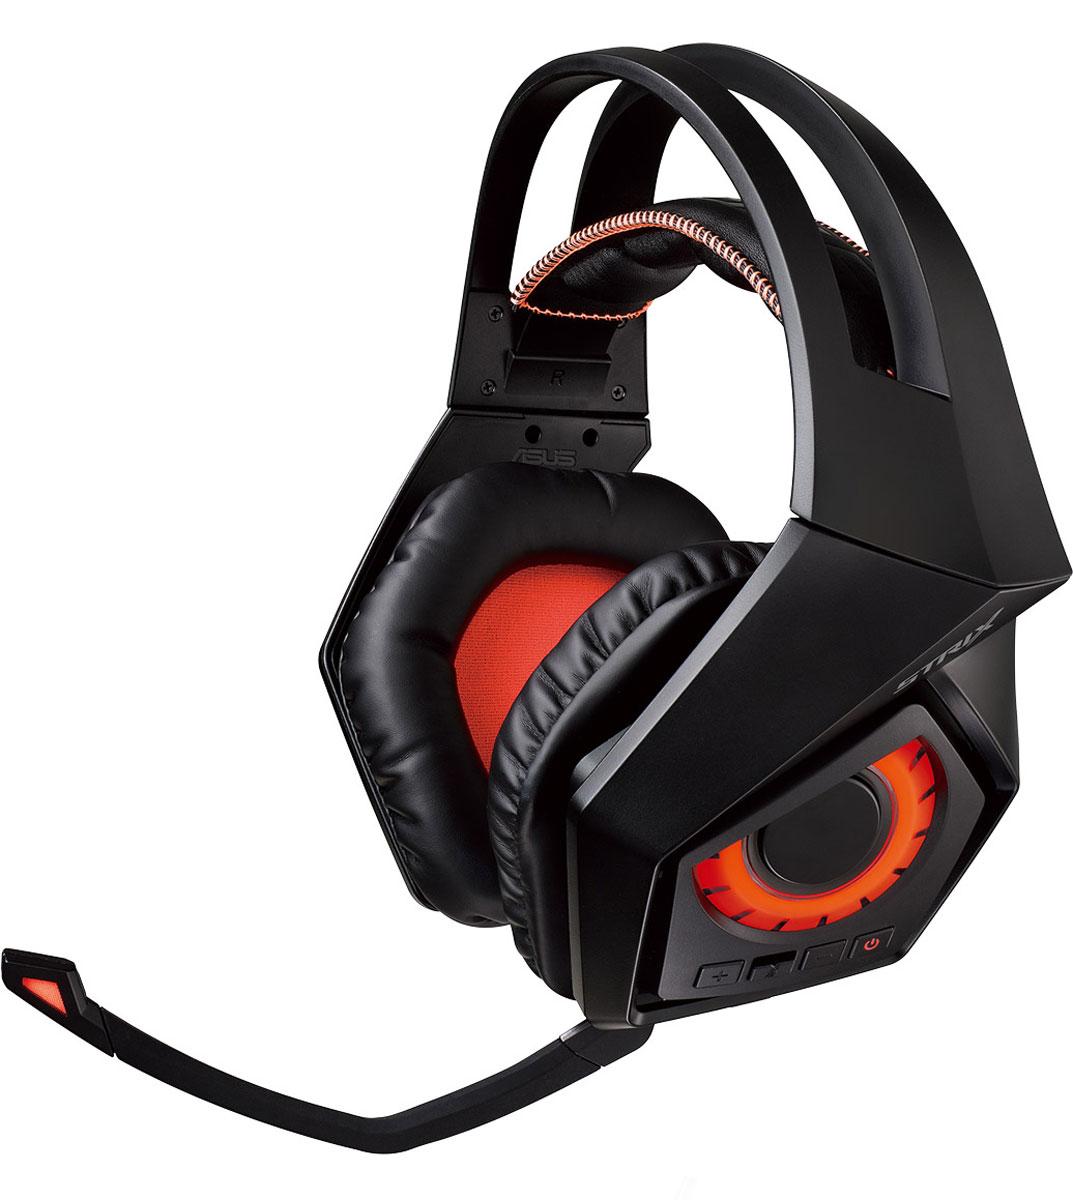 ASUS ROG Strix Wireless, Black игровая гарнитура